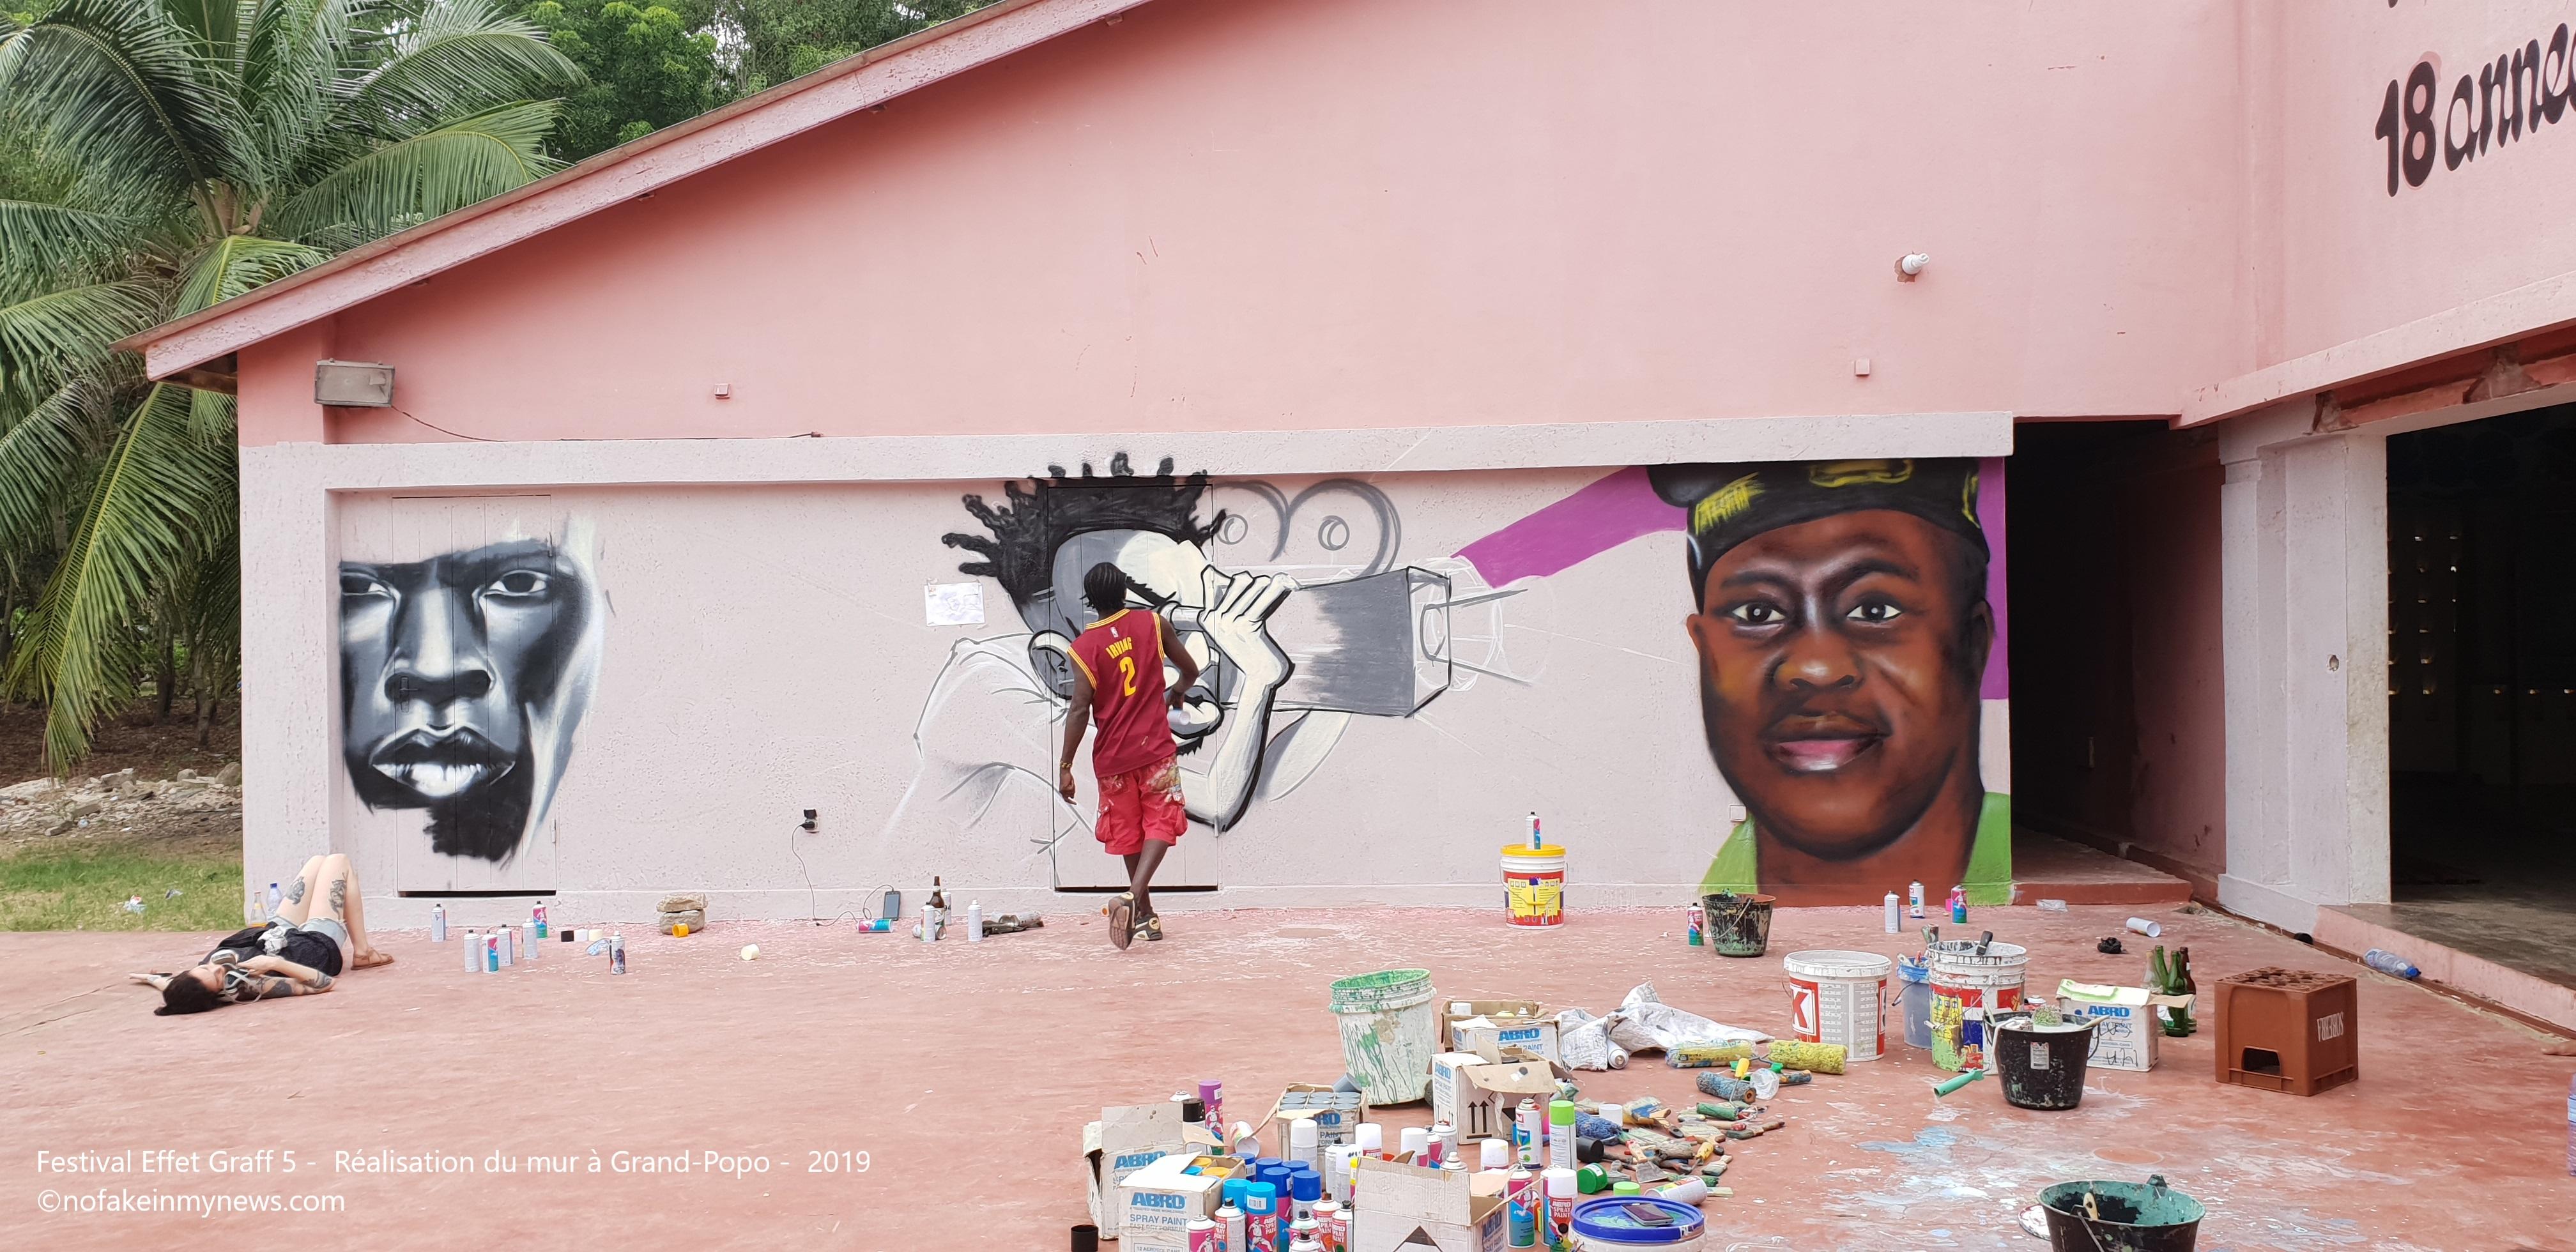 Festival Effet Graff 5 - Réalisation du mur à Grand-Popo - 2019 ©nofakeinmynews